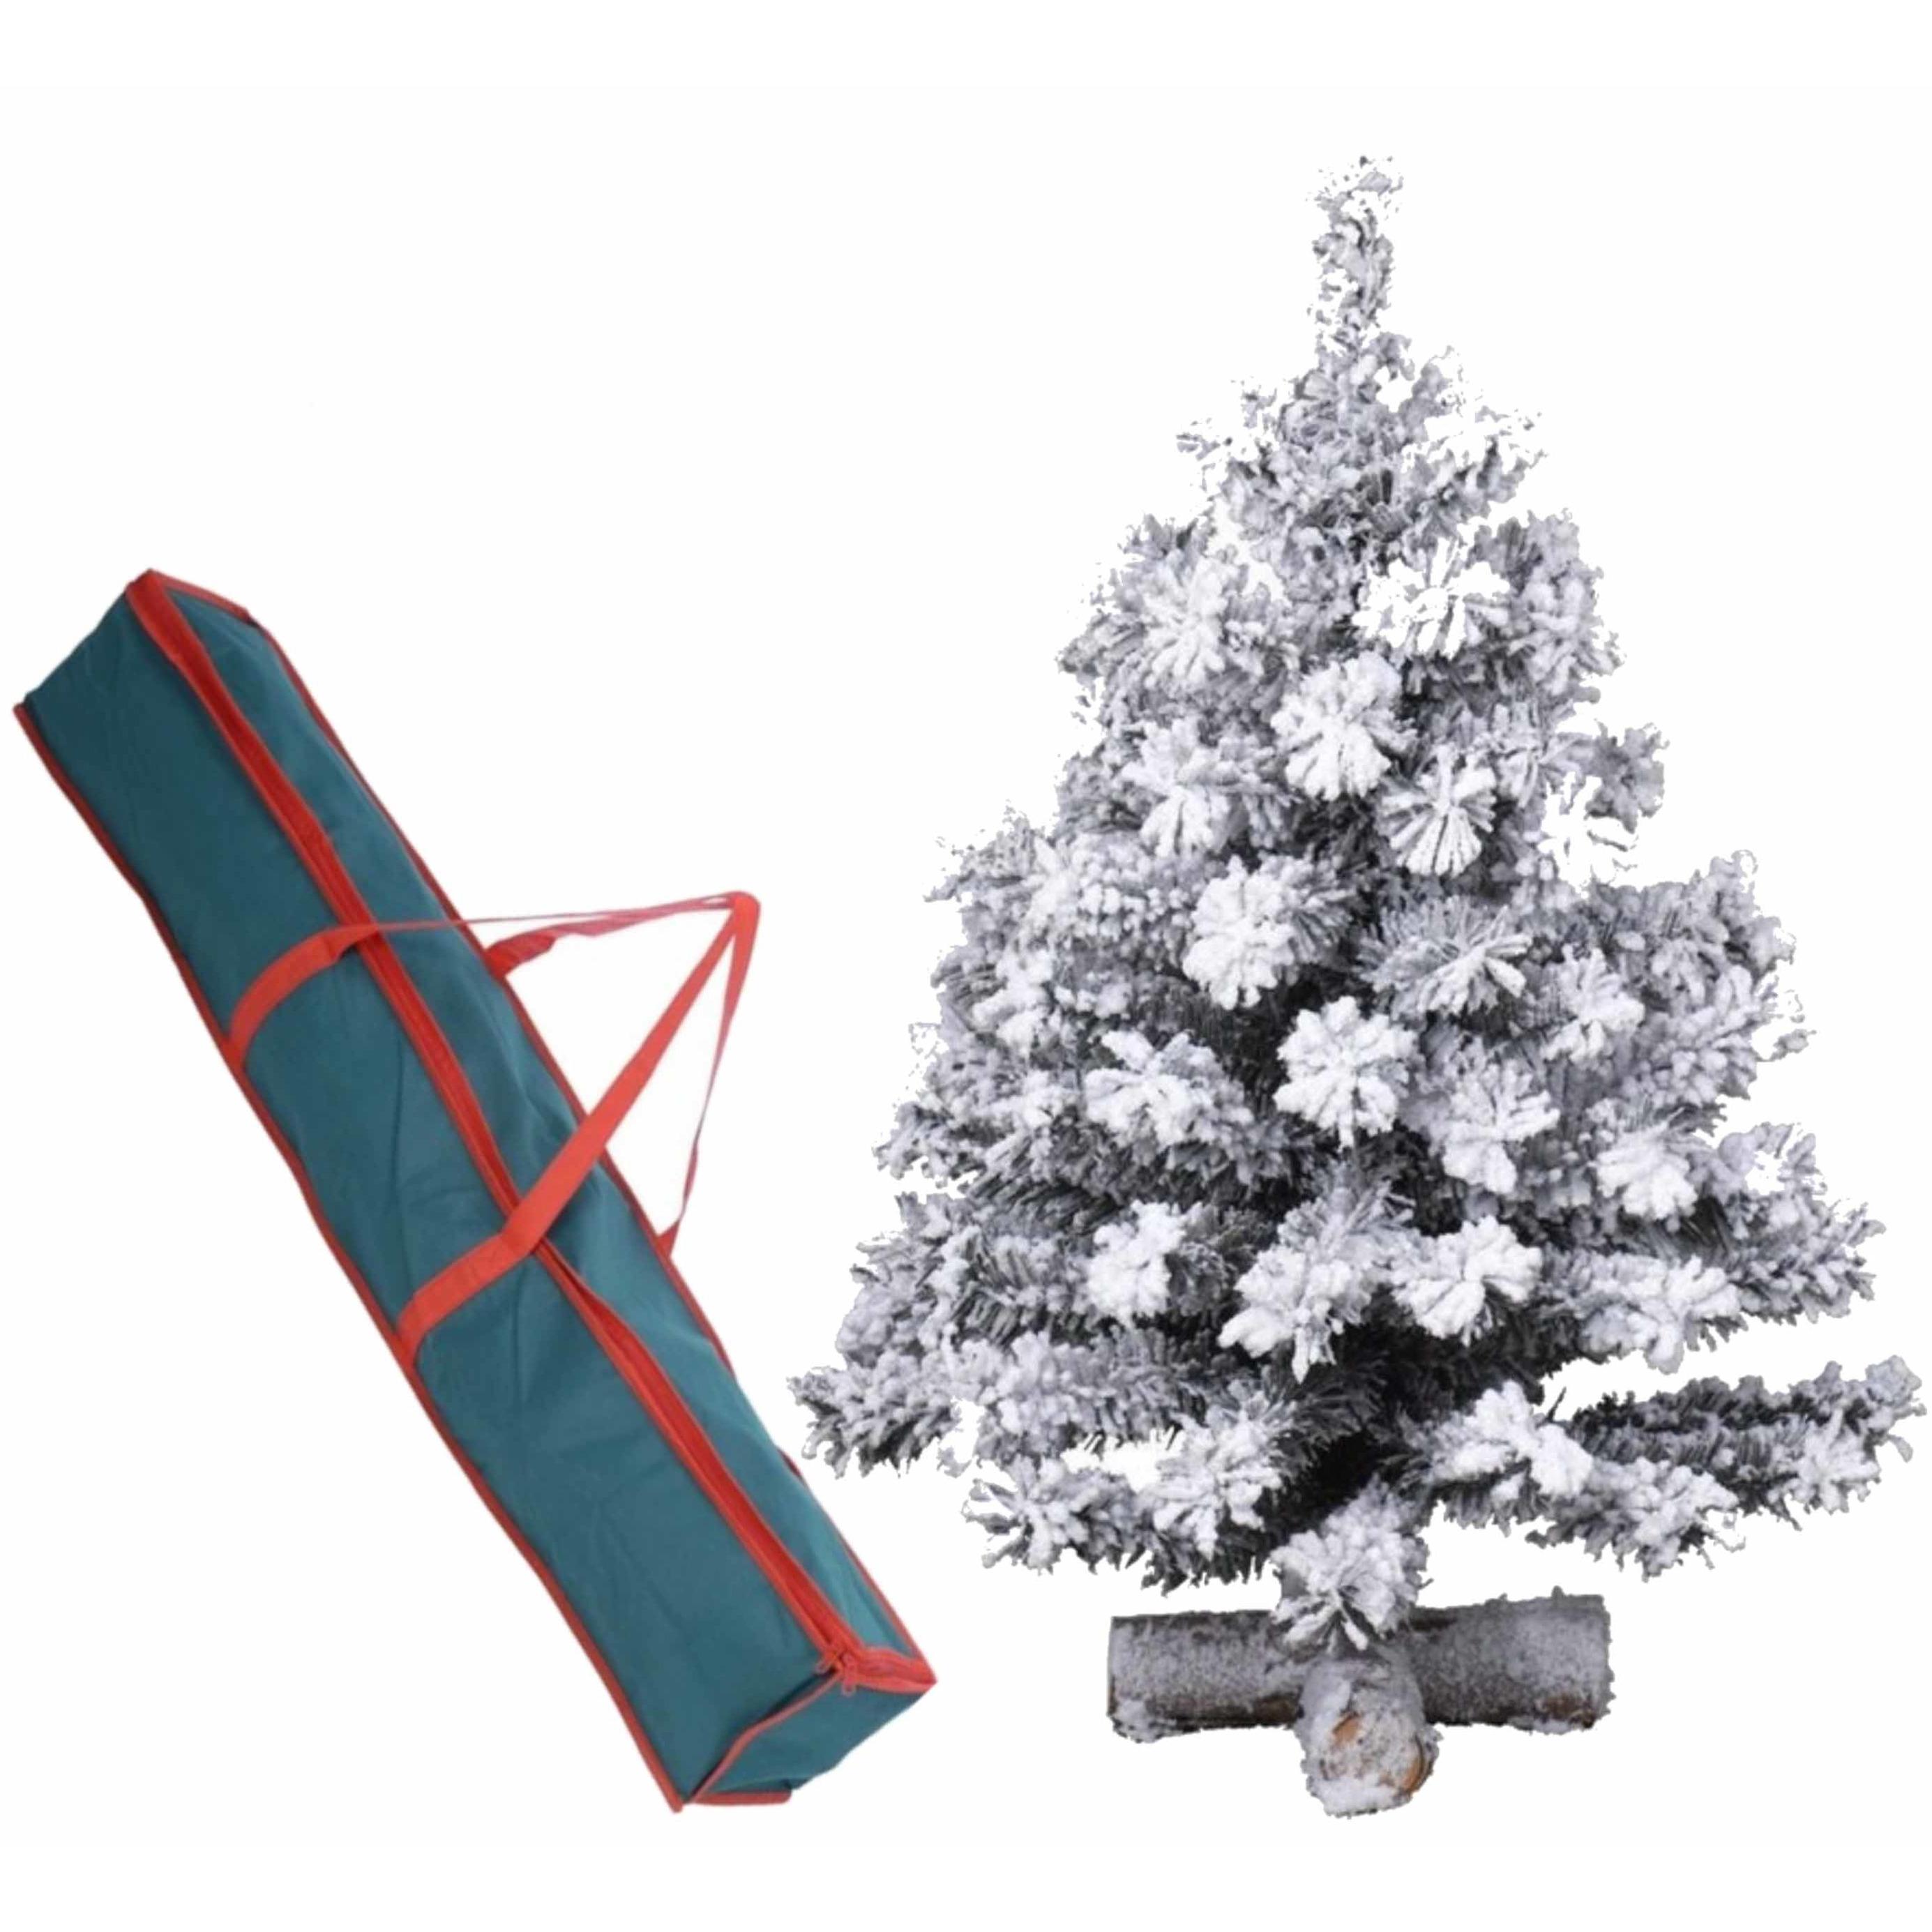 Besneeuwde kunst kerstboom op kruispoot 75 cm inclusief opbergzak